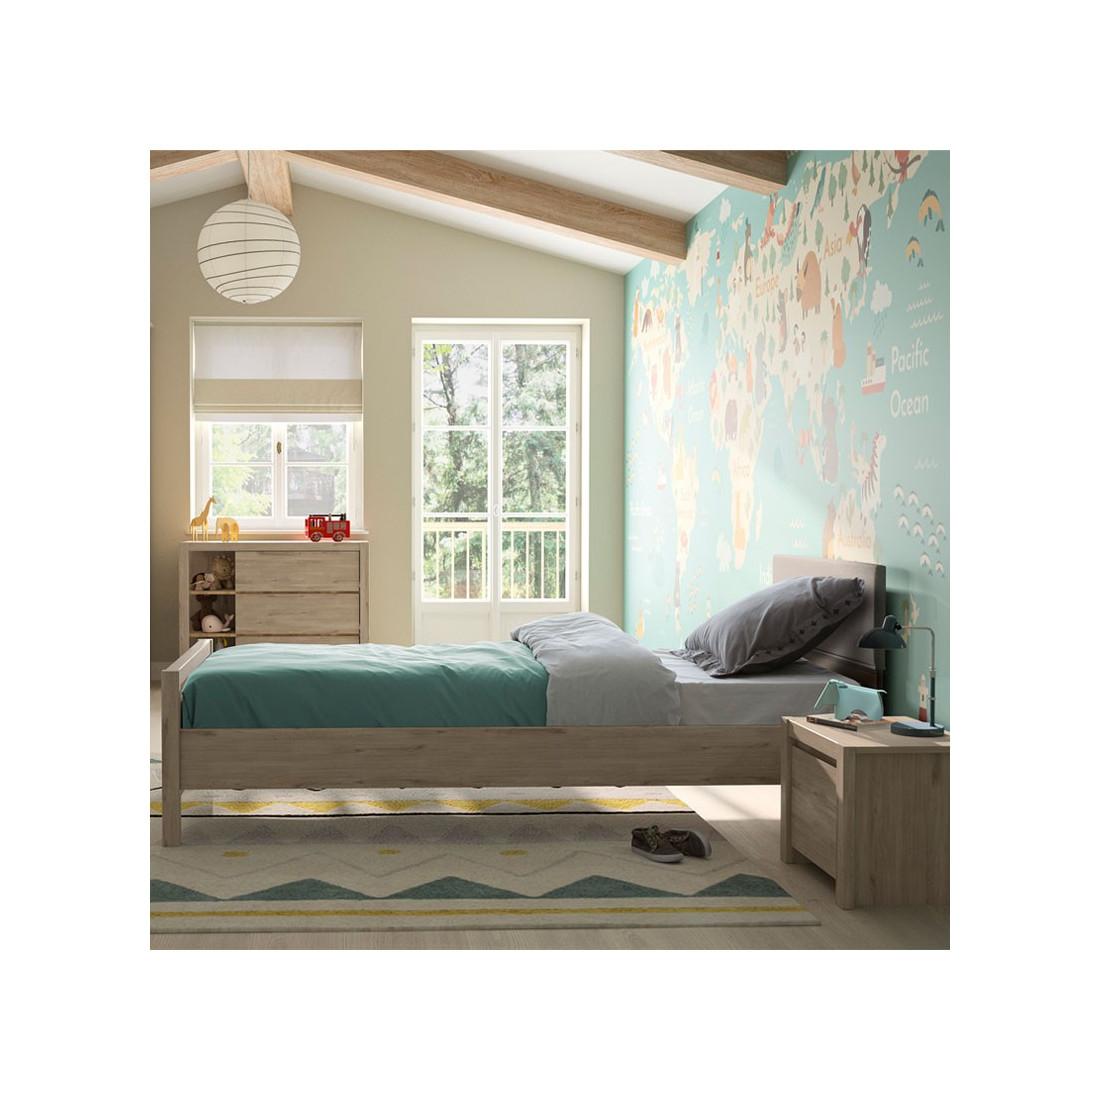 cadre t te de lit 120 190 cm ch ne clair tily univers de la chambre. Black Bedroom Furniture Sets. Home Design Ideas